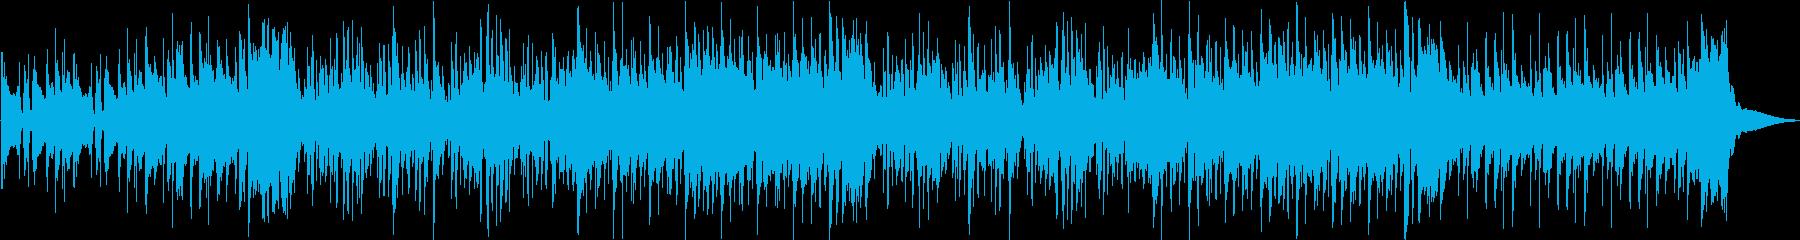 ノリノリでクールなファンキーの再生済みの波形